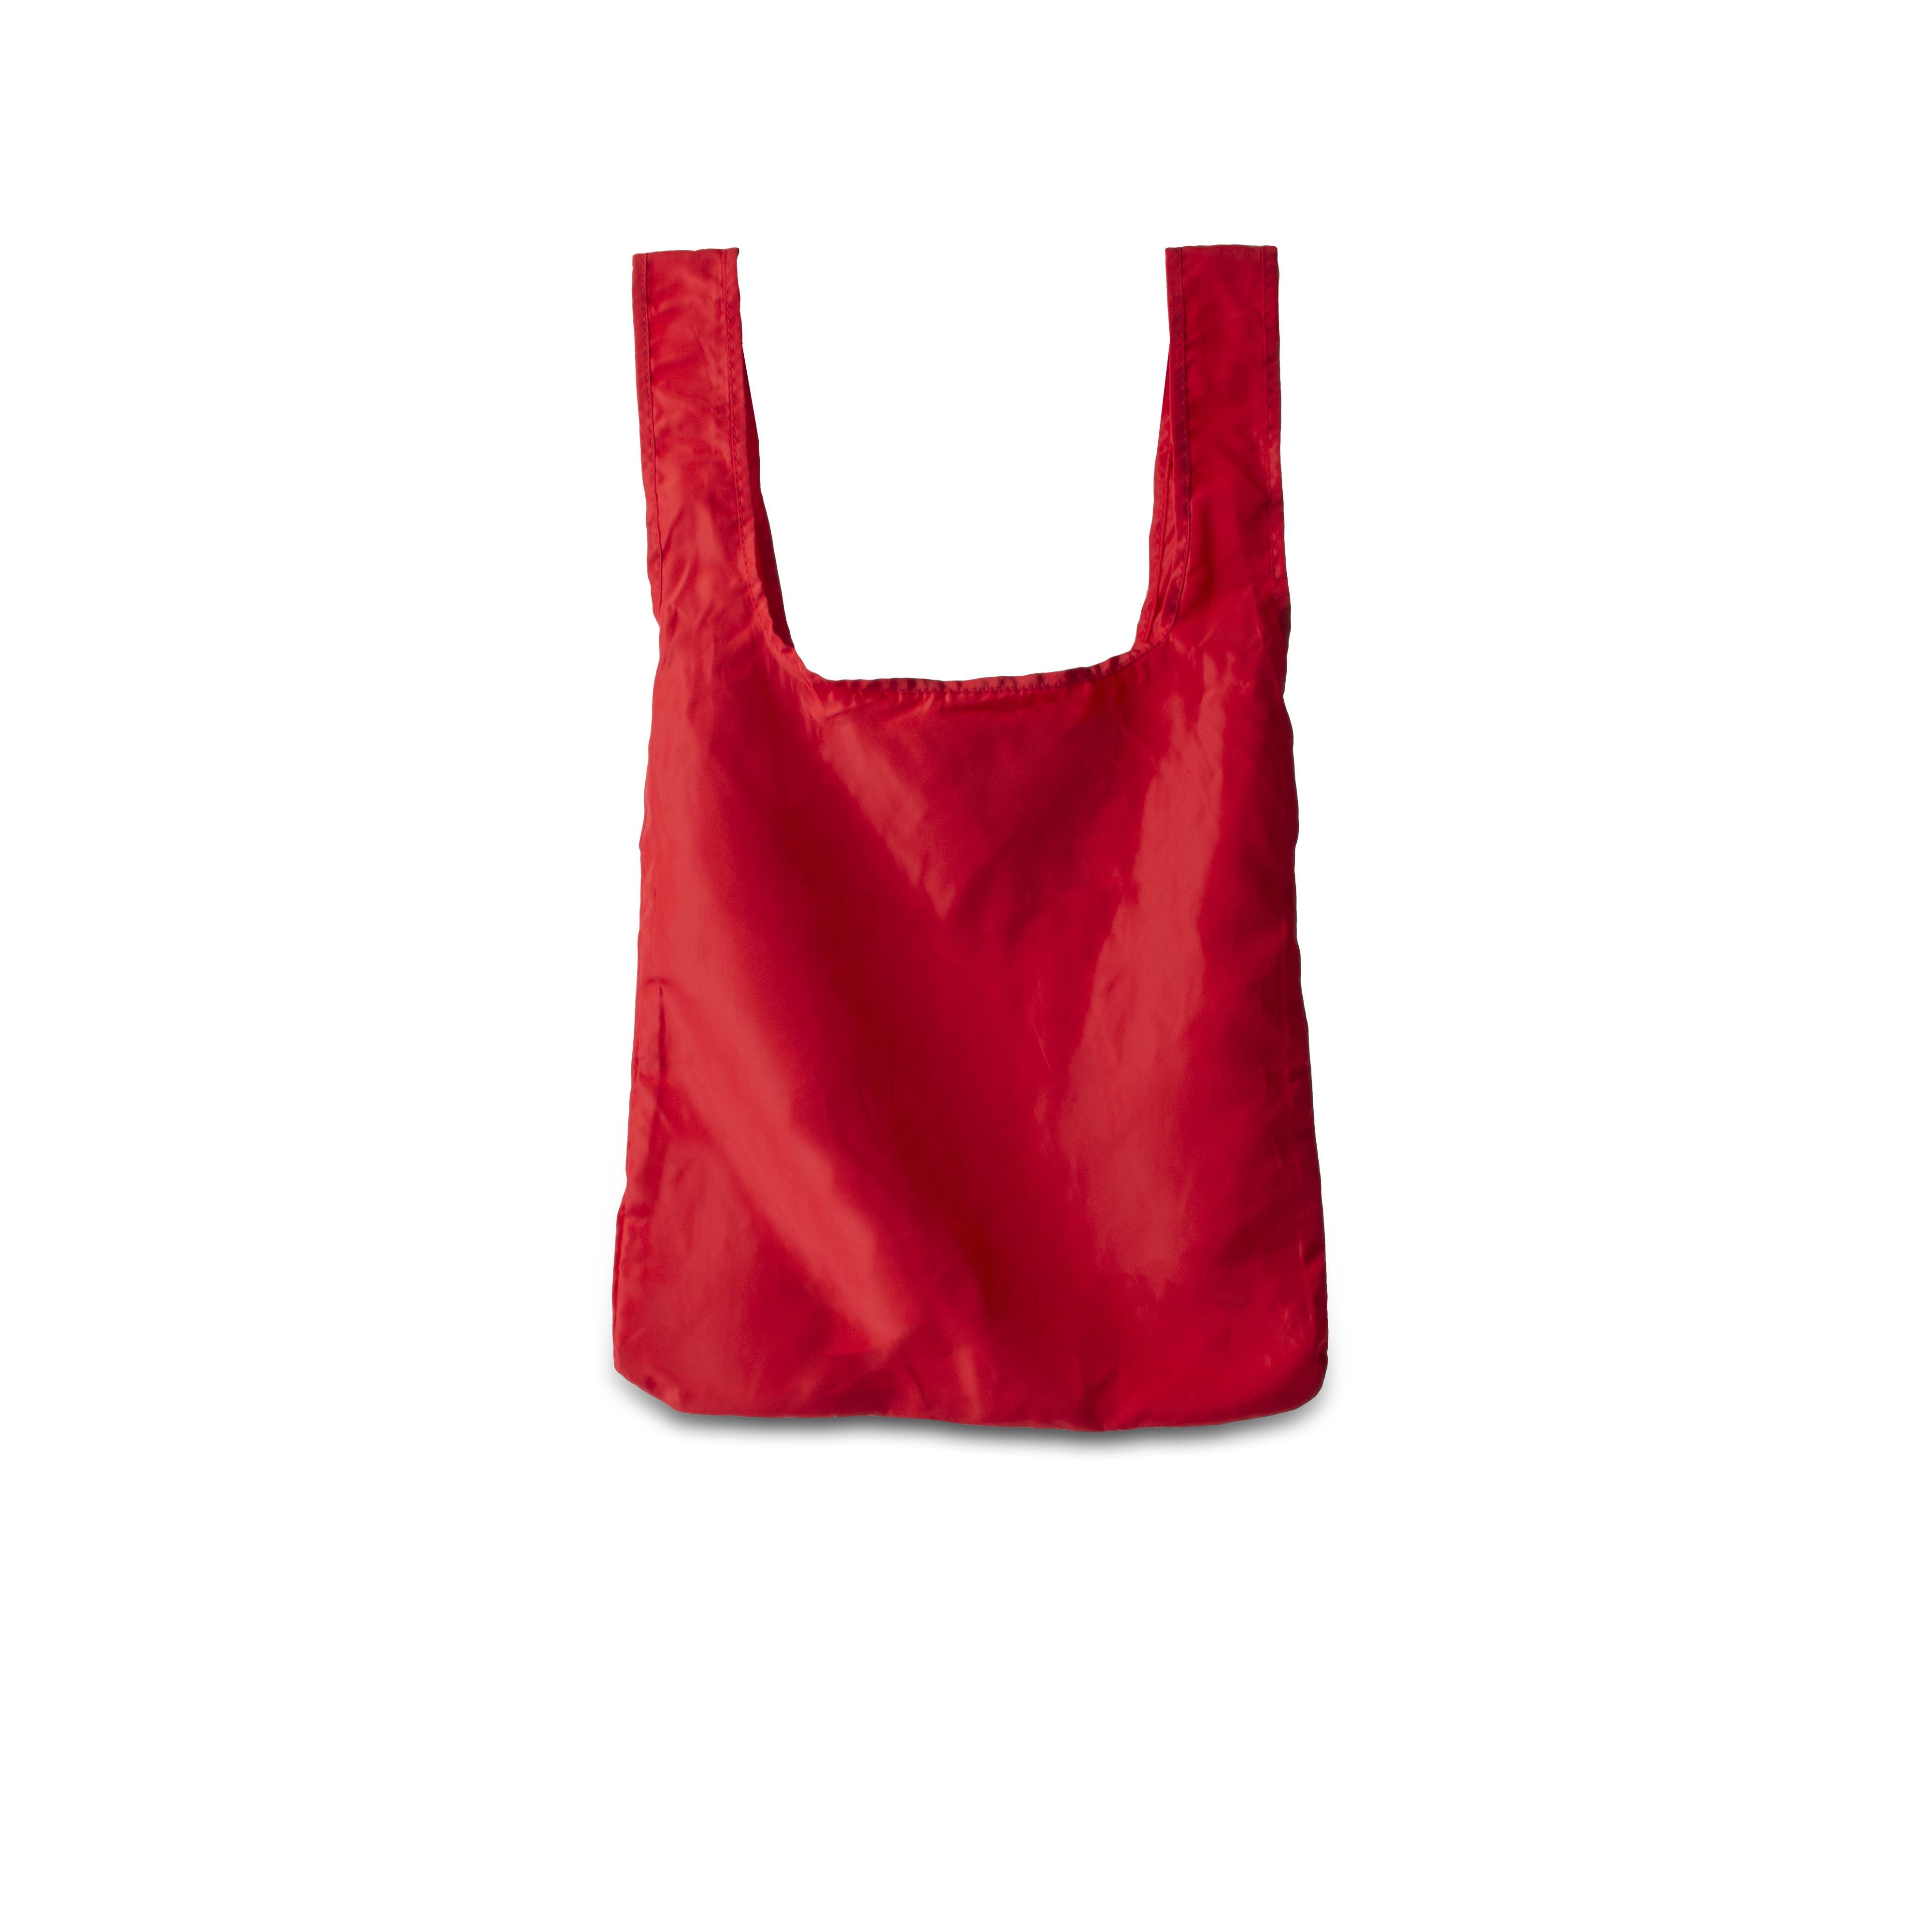 Faltbarer Shopper   Rot